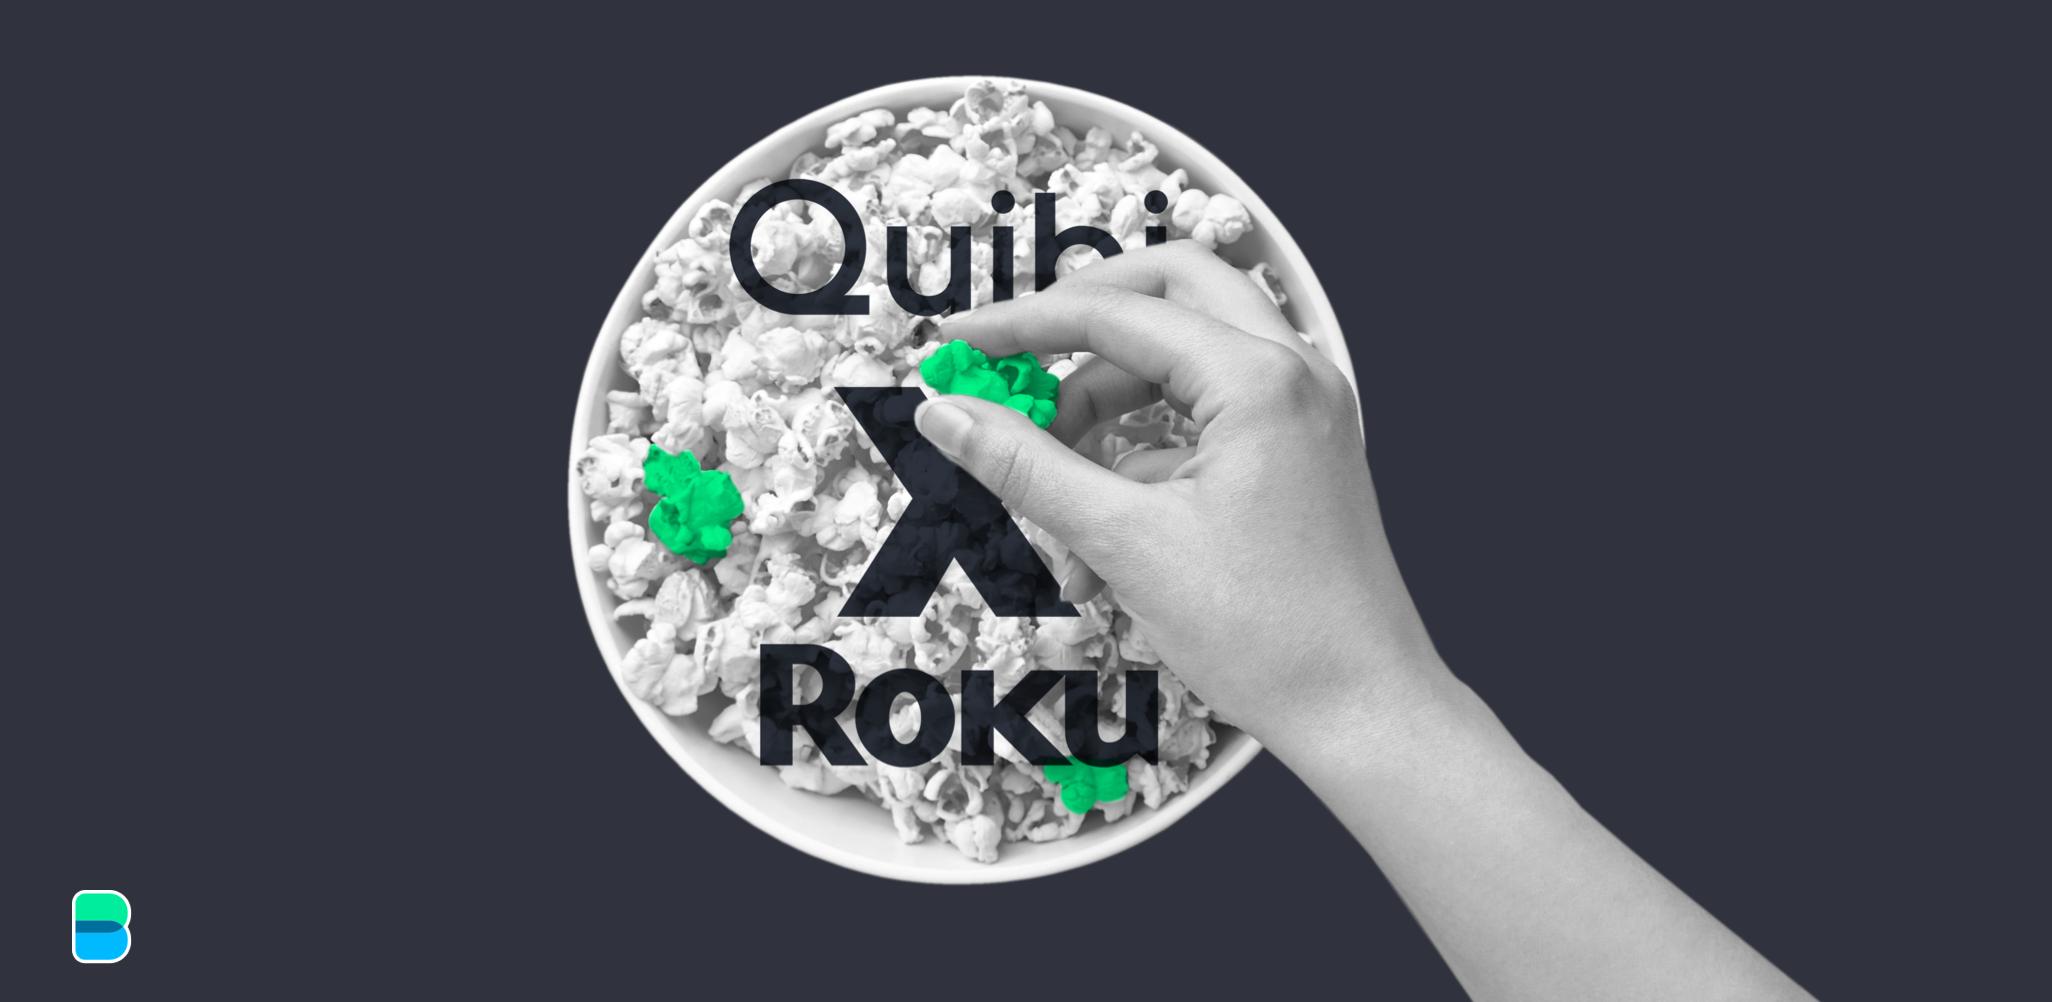 Roku to bag Quibi's content catalogue